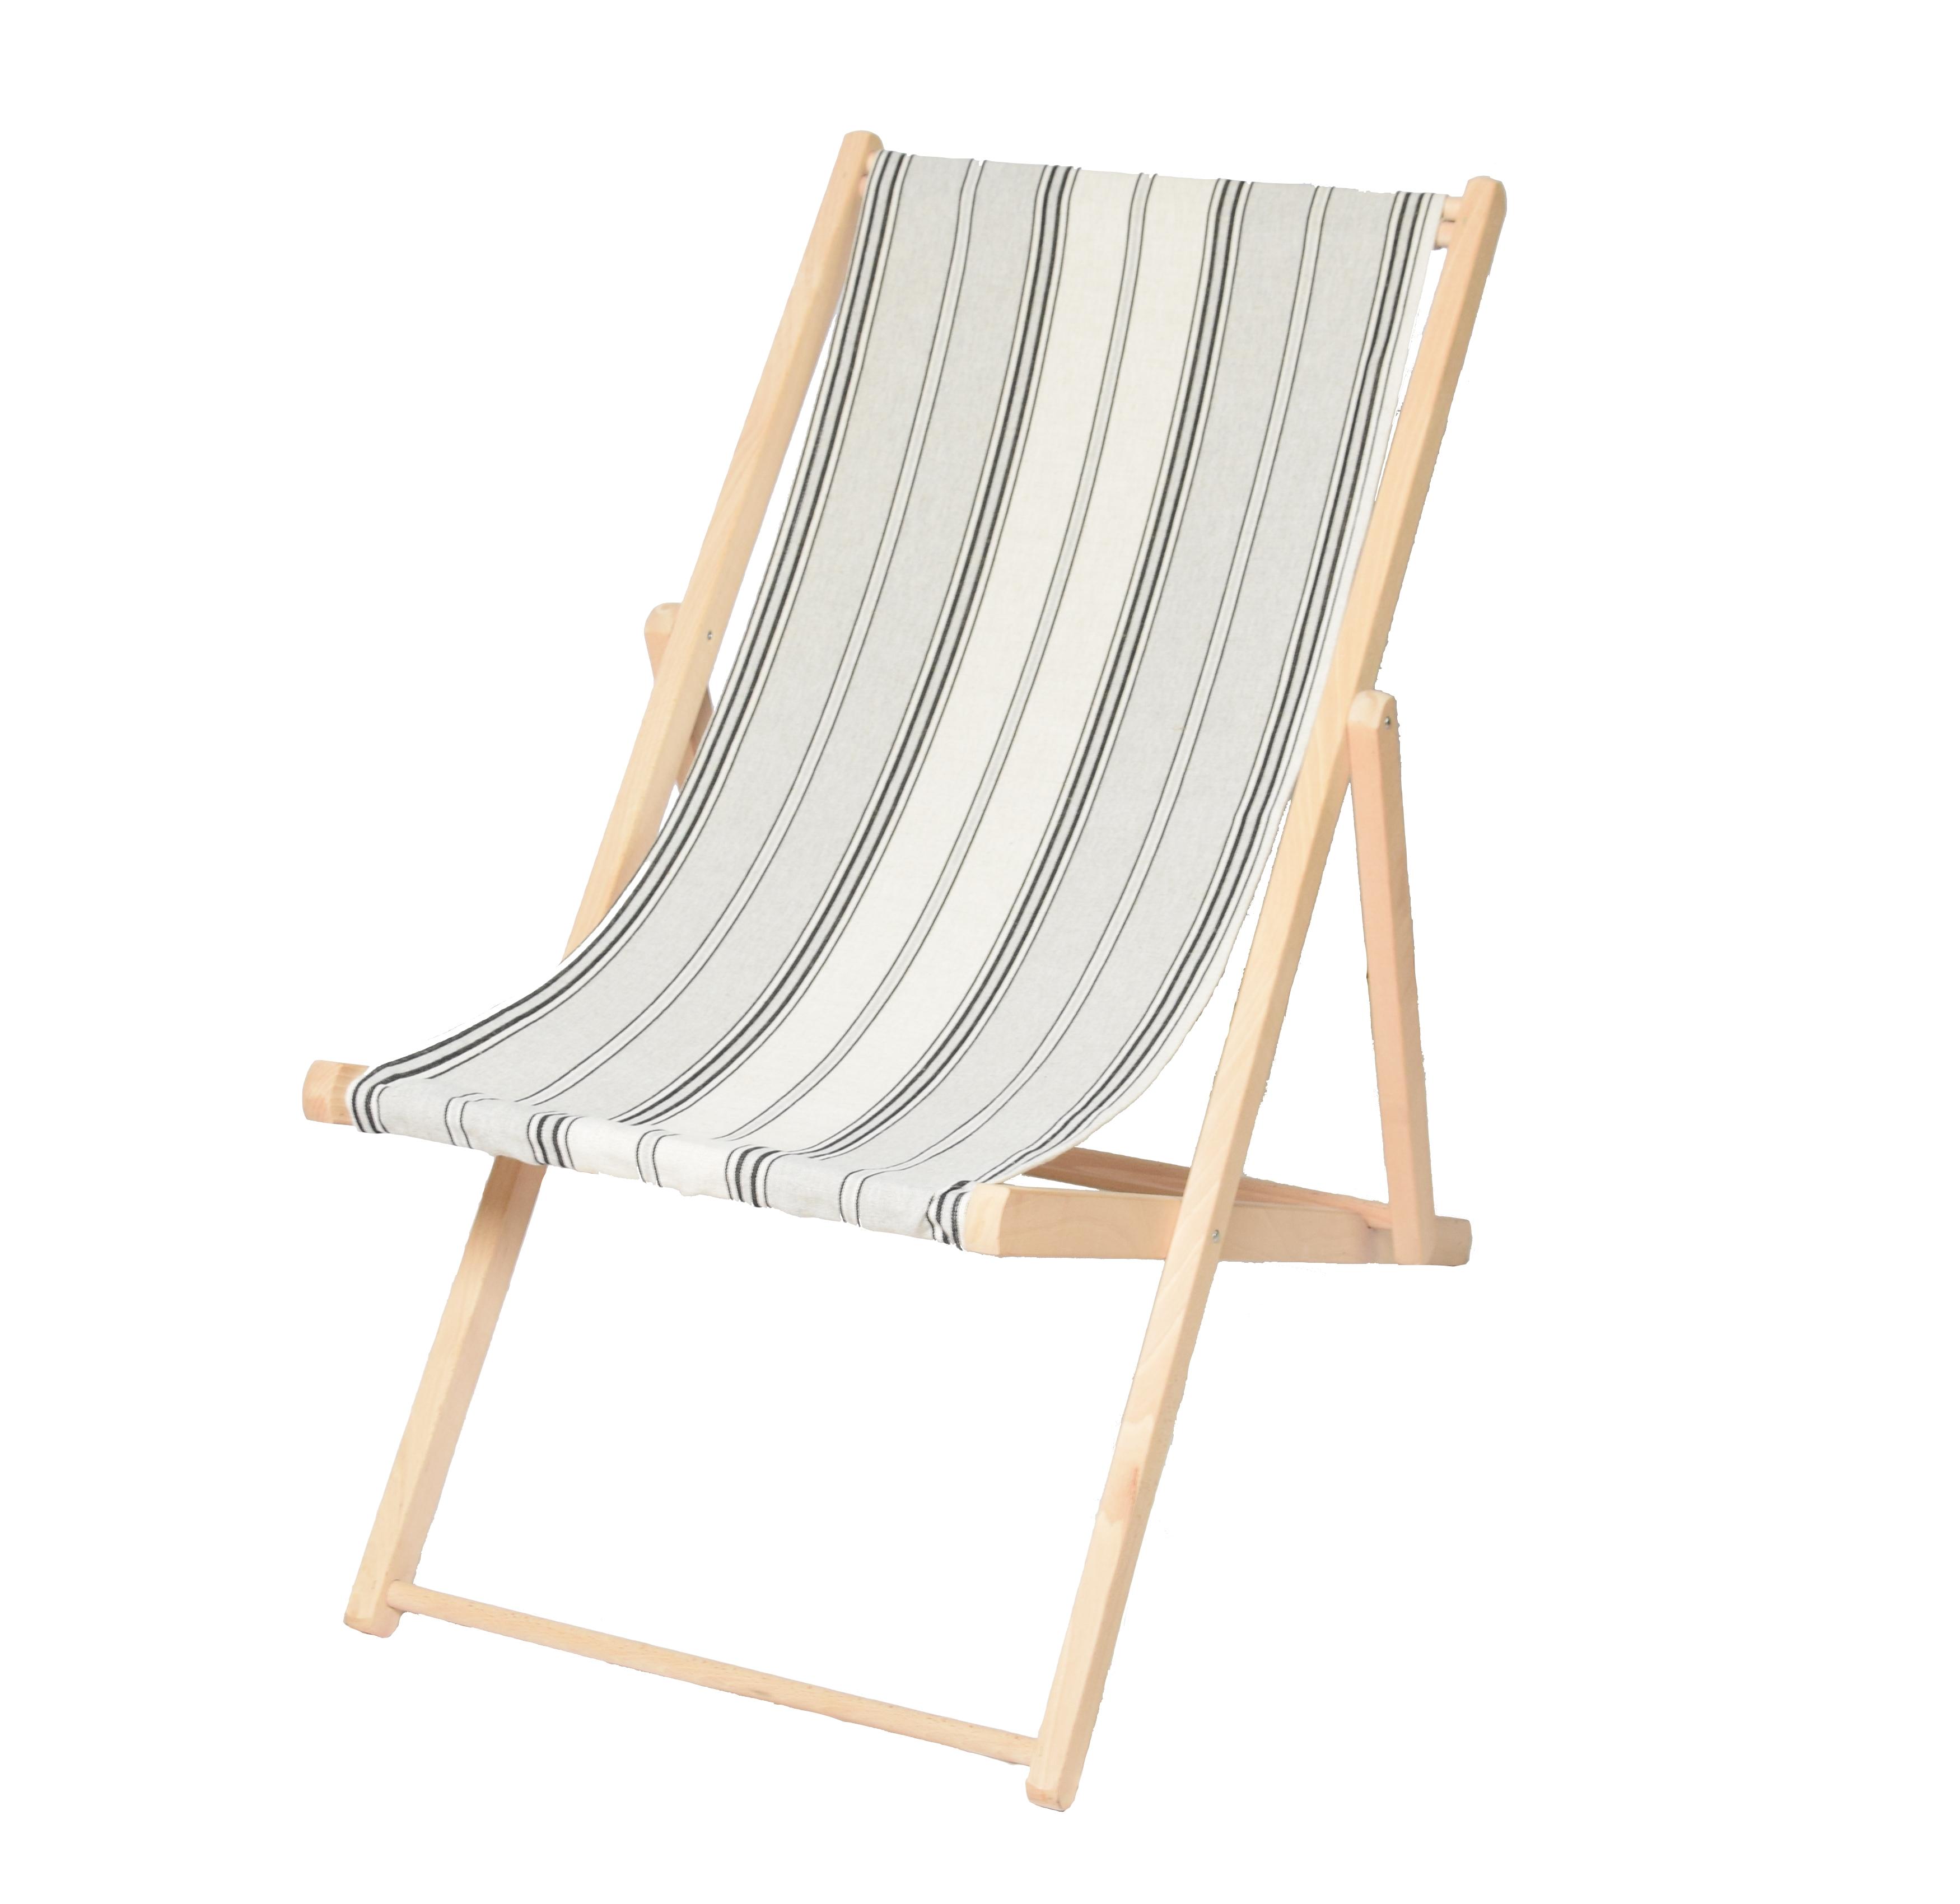 Toile transat pour chaise longue gris fabriqu en france - Toile a transat au metre ...